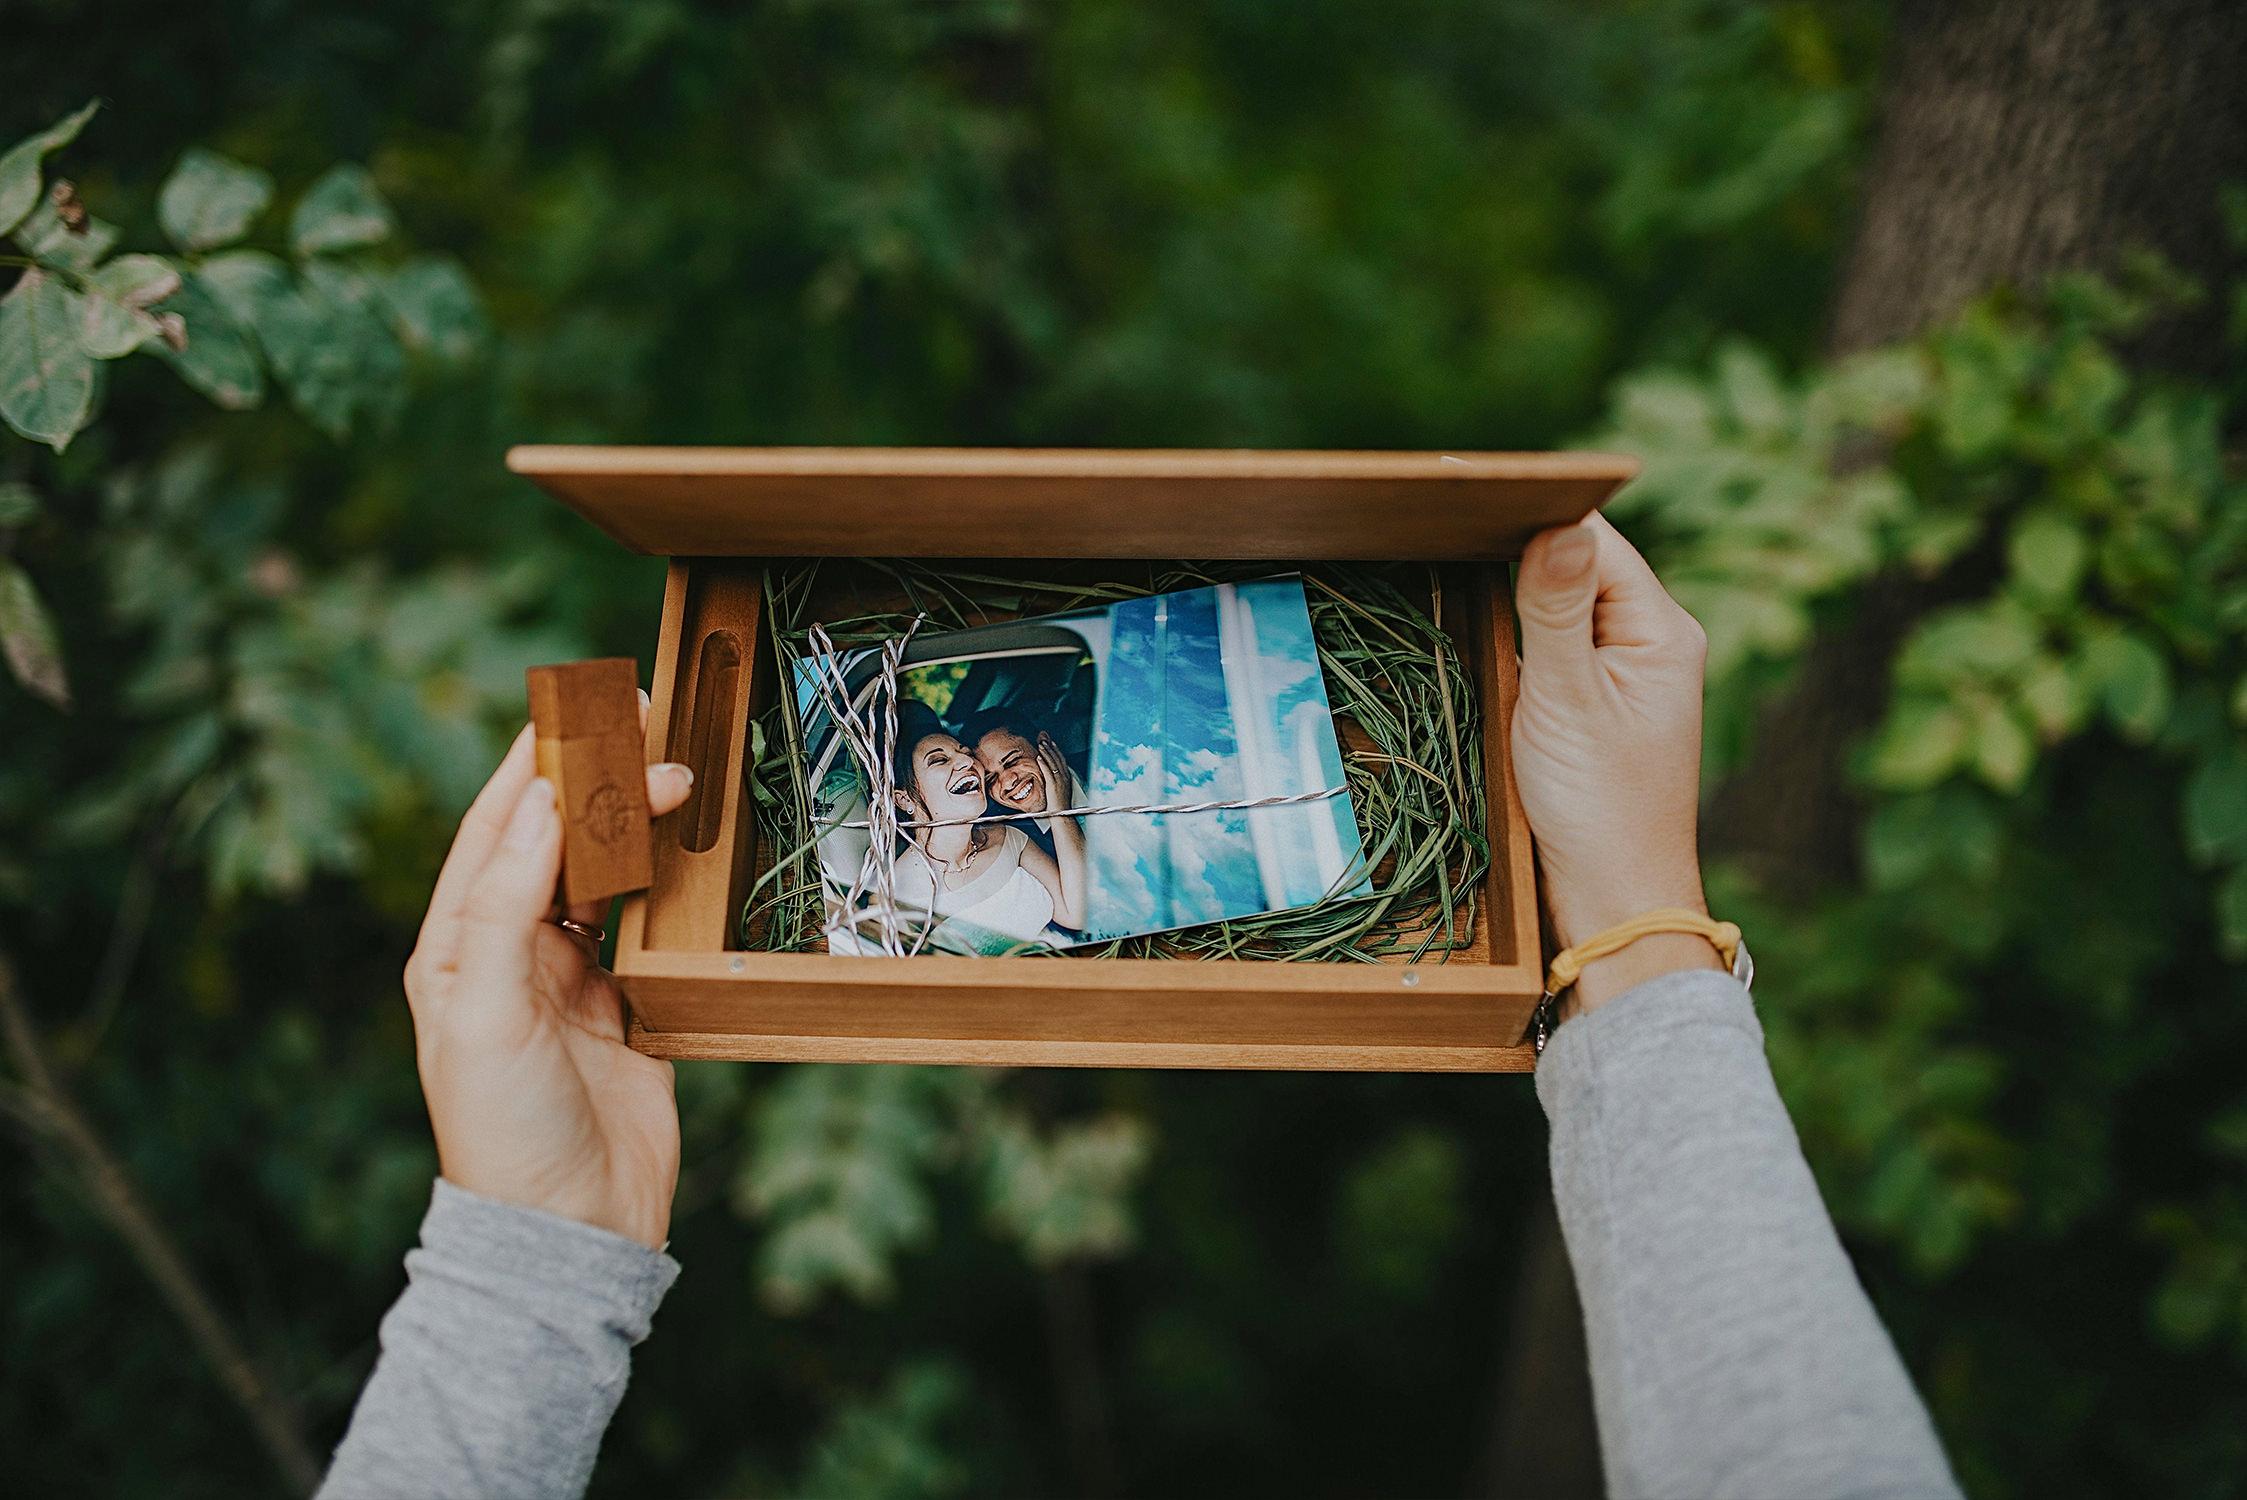 wood-box-02